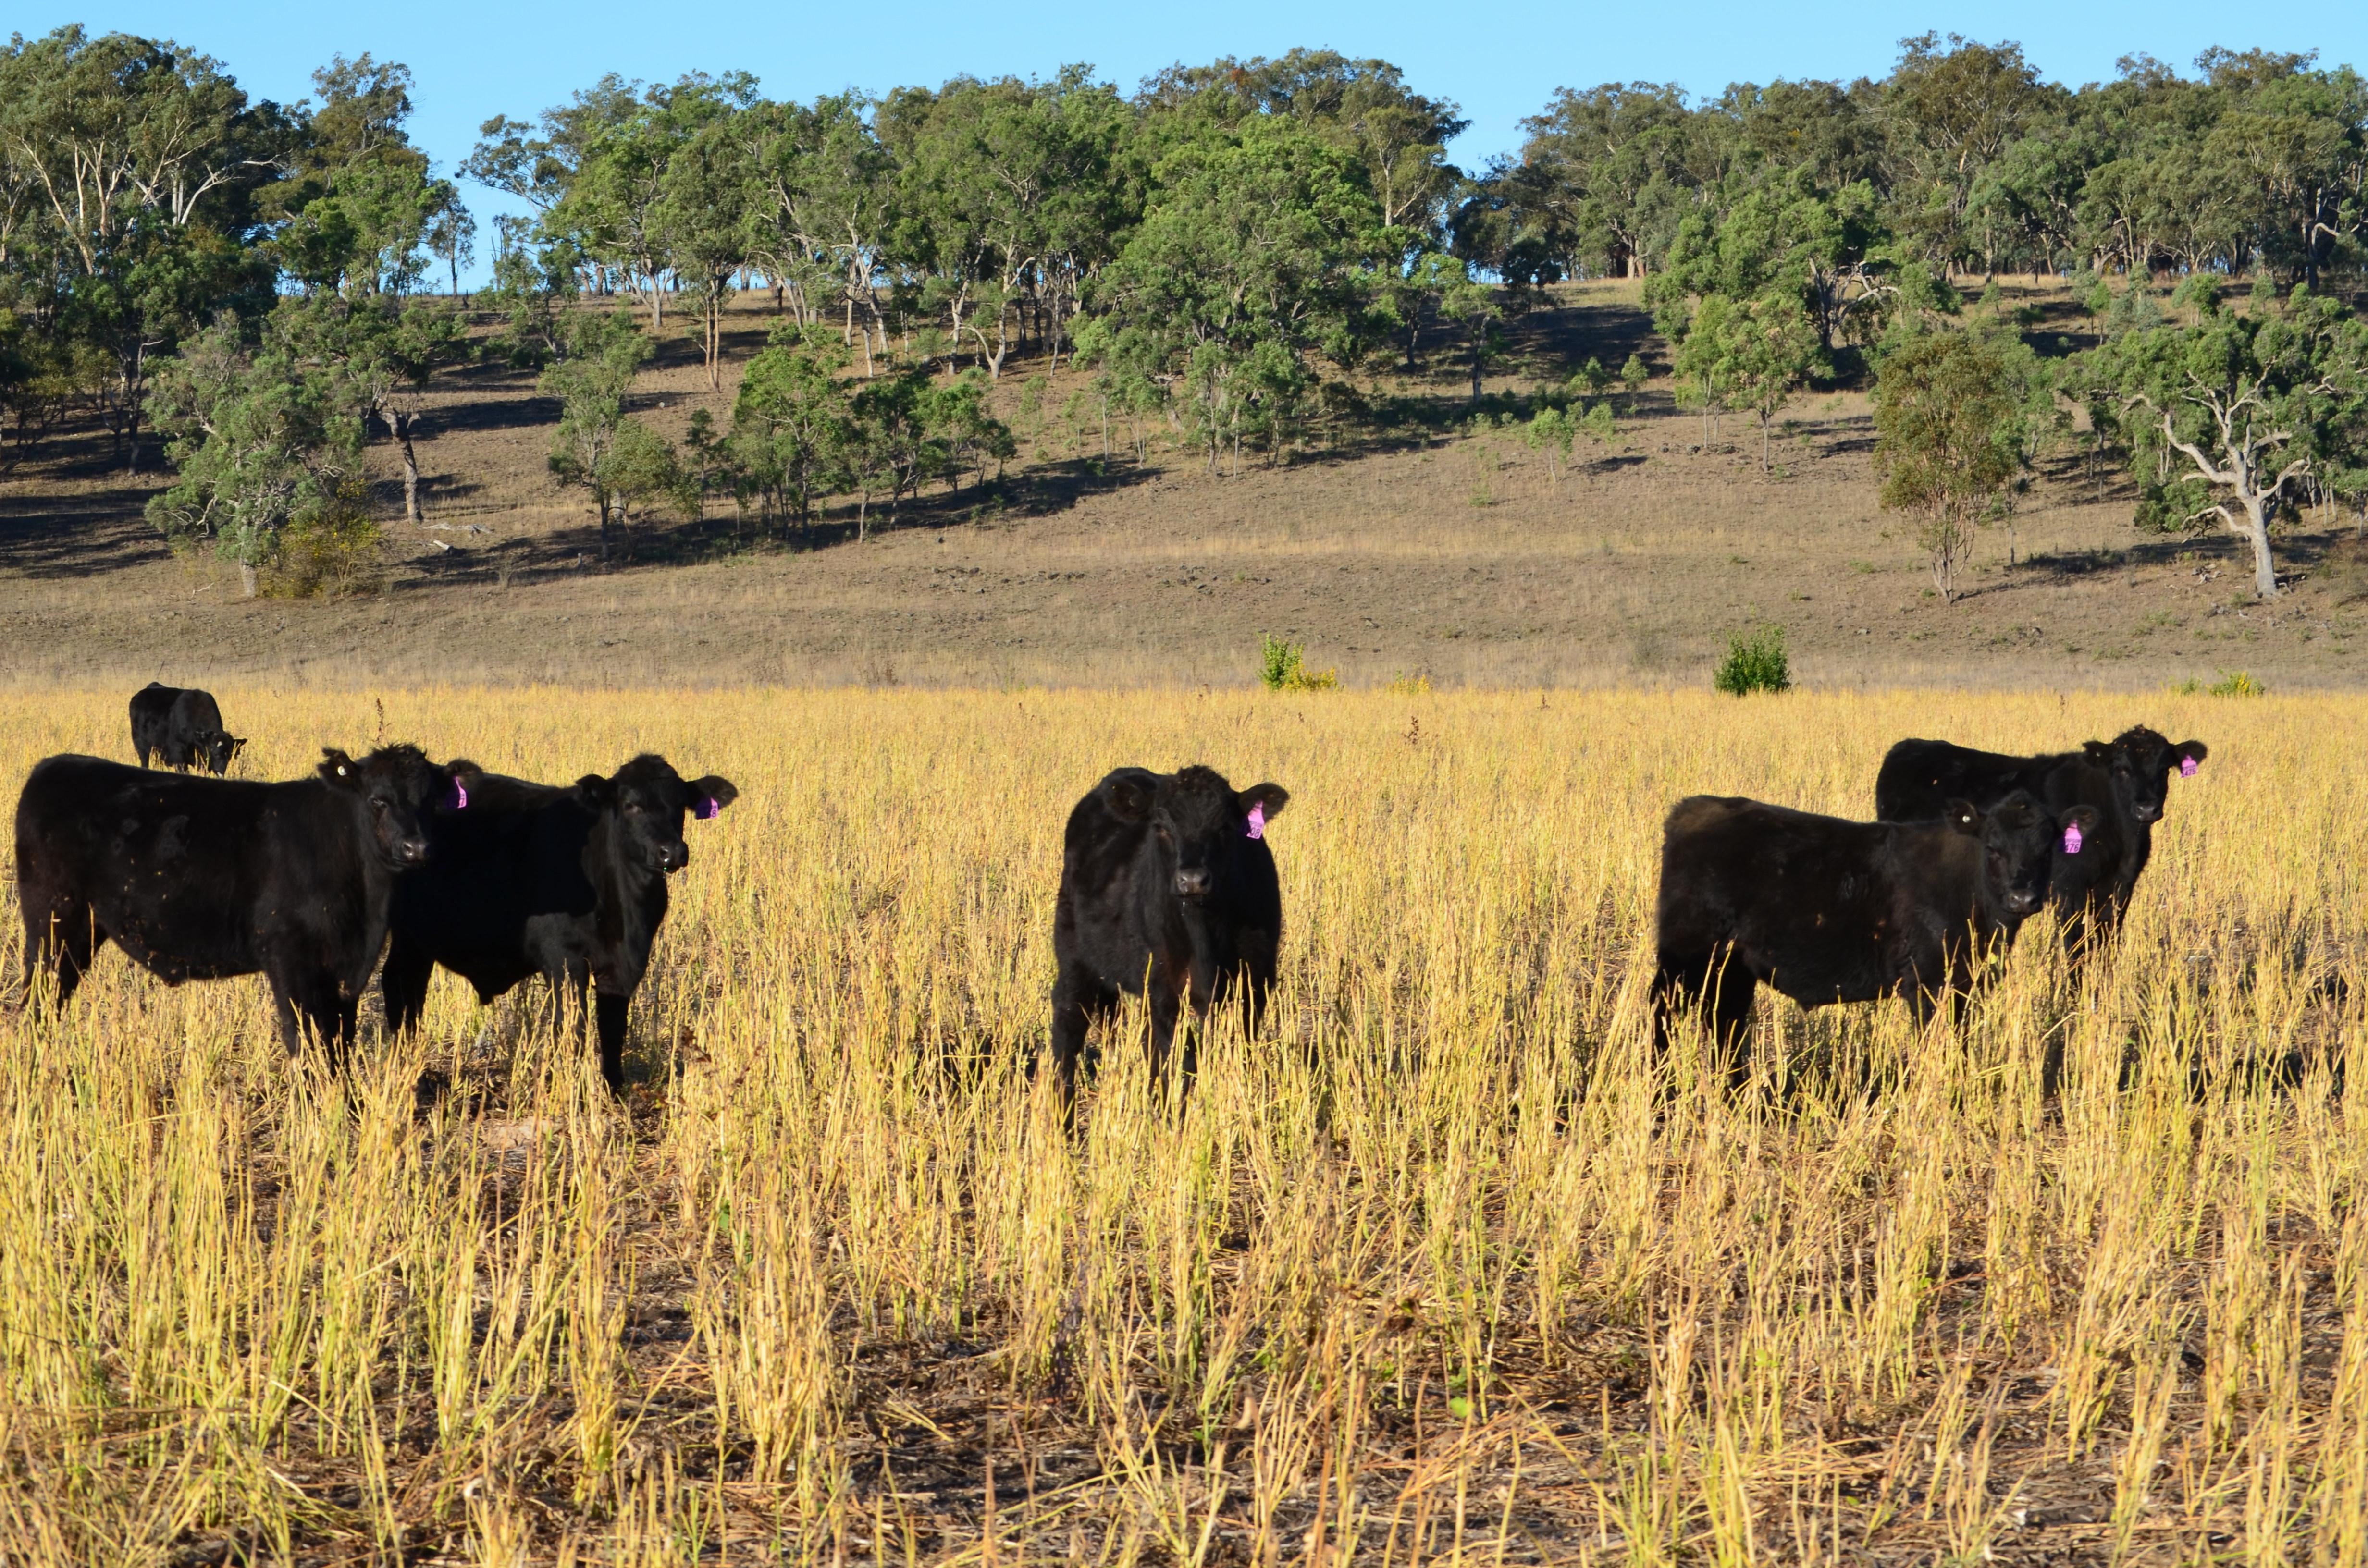 Steers Grazing